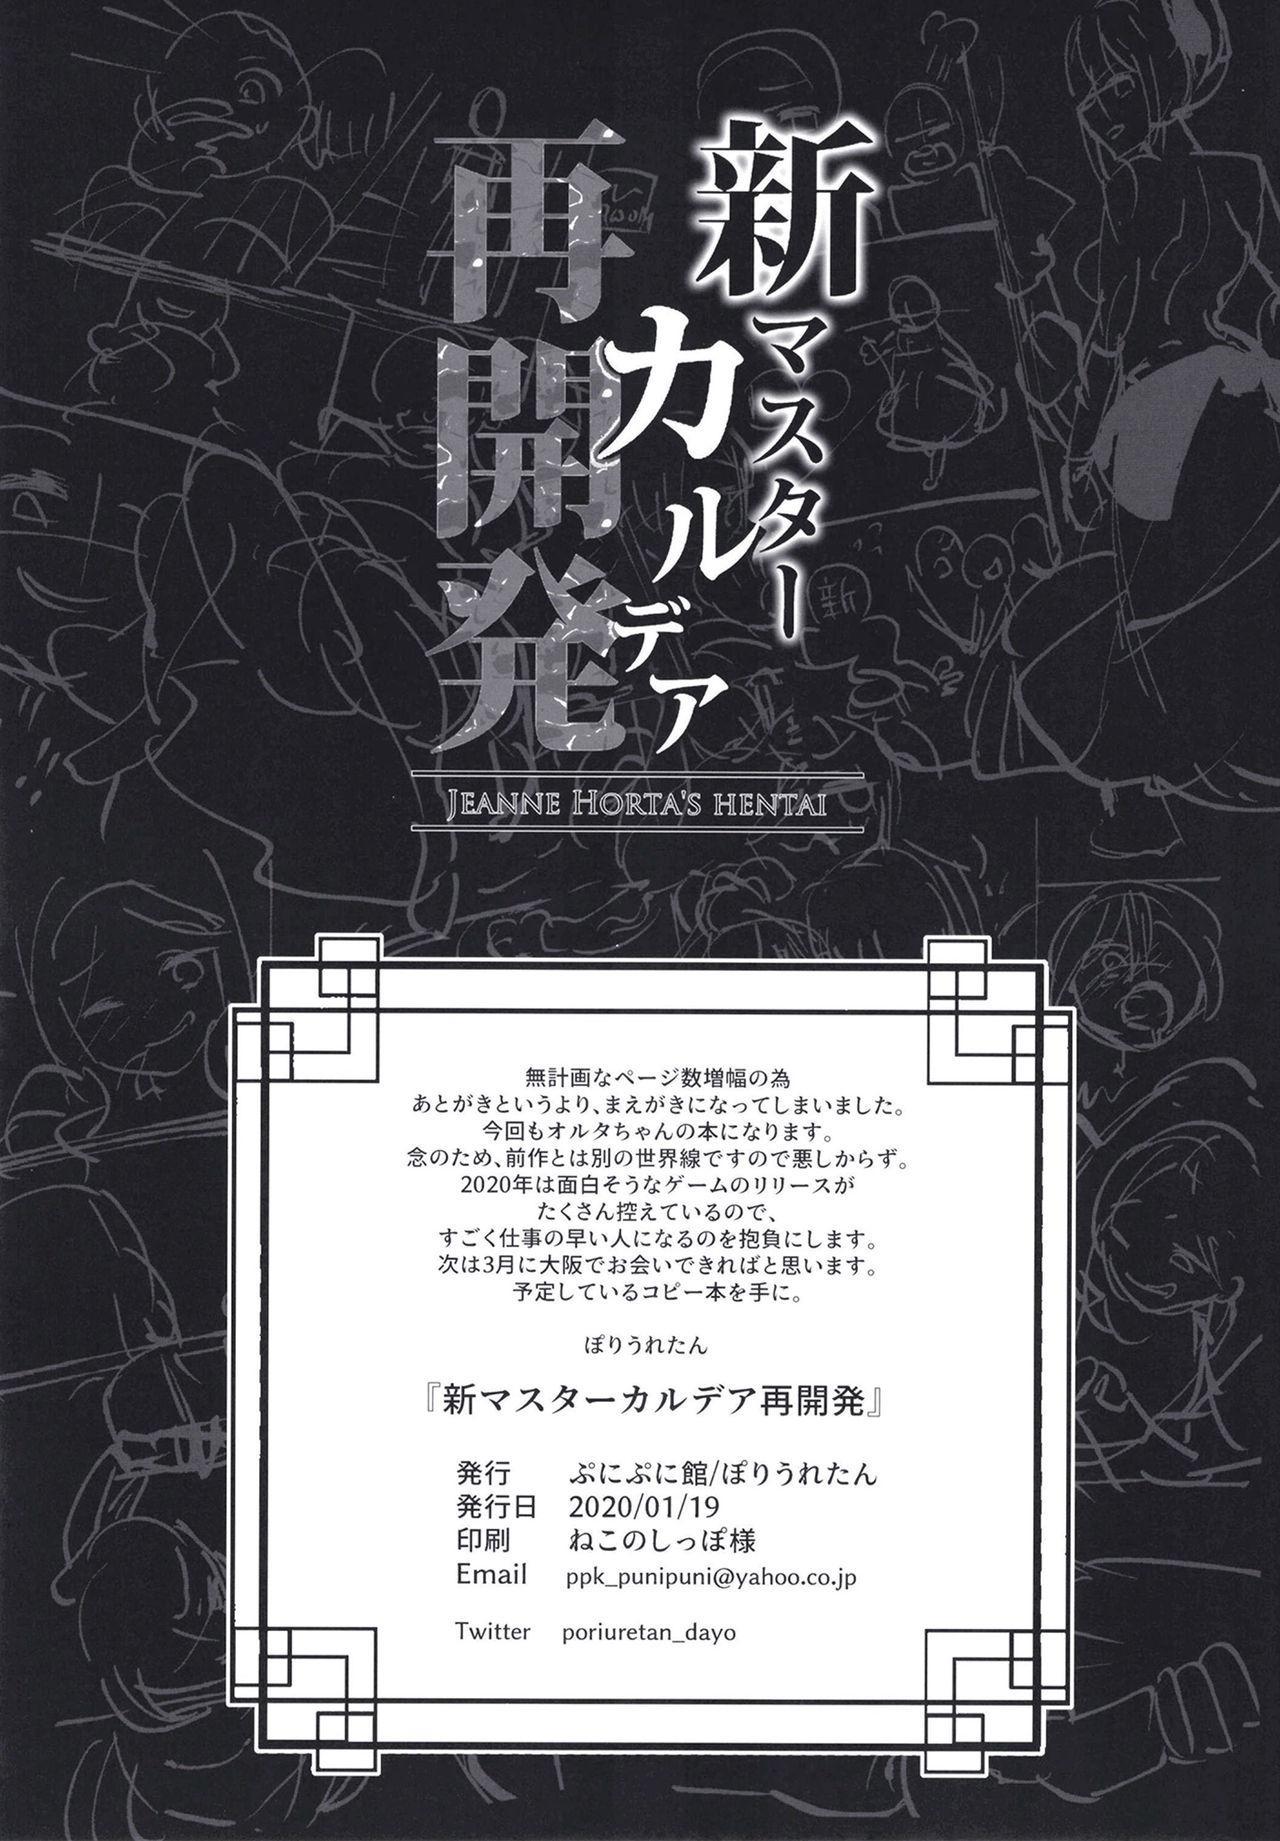 Shin Master Chaldea Saikaihatsu 2